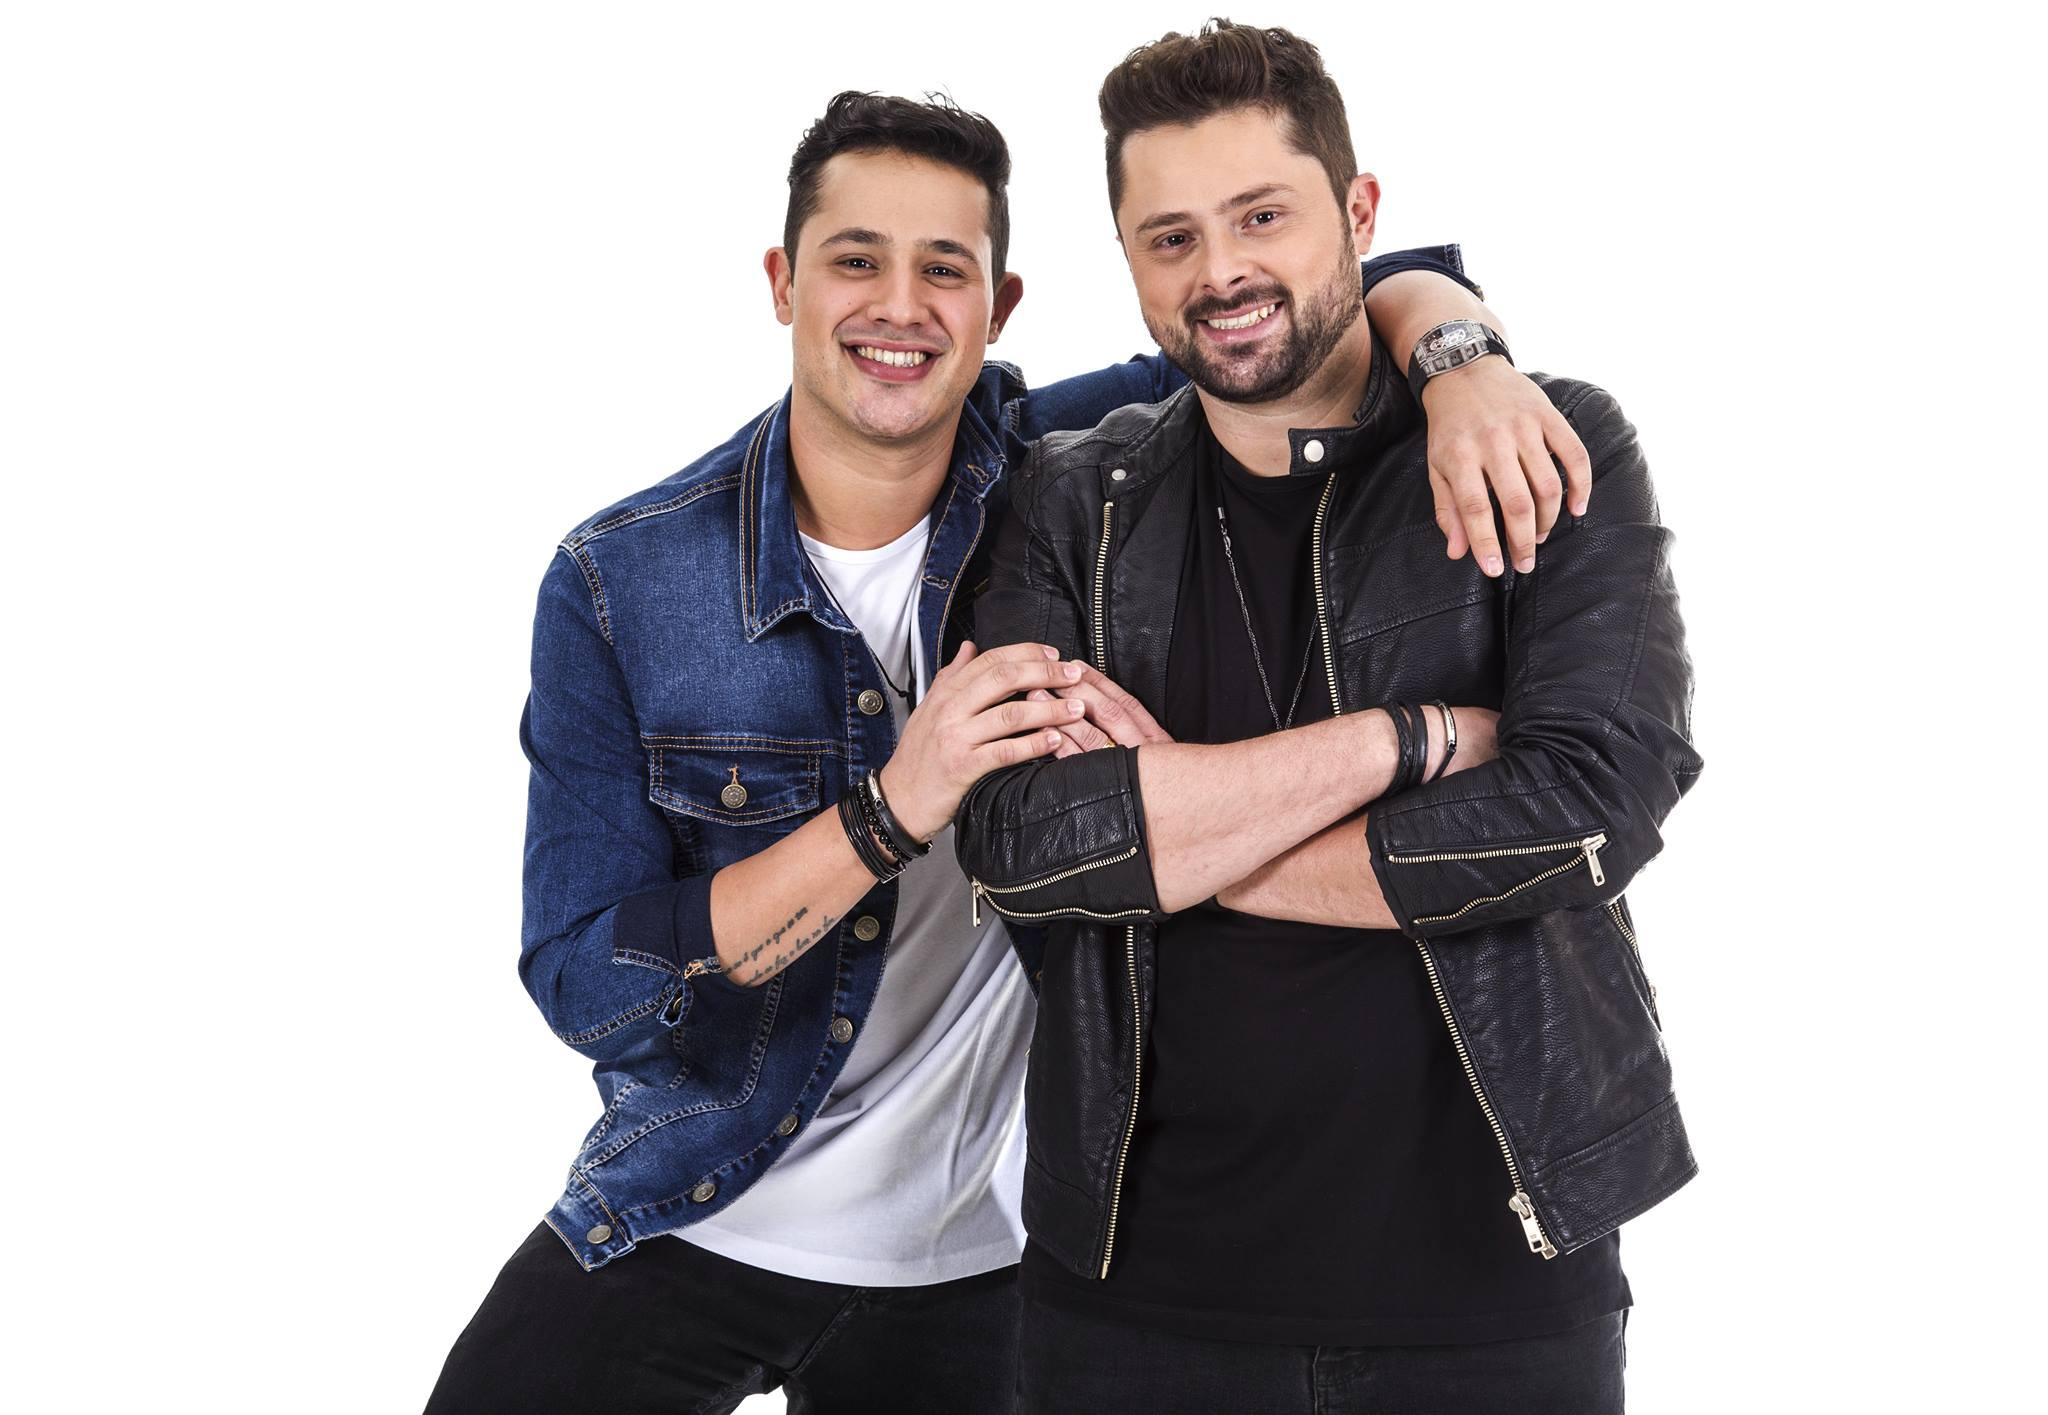 """Otávio & Raphael apresentam músicas do DVD """"As coisas como são"""" no programa Record News Rural desta sexta-feira (16) 41"""